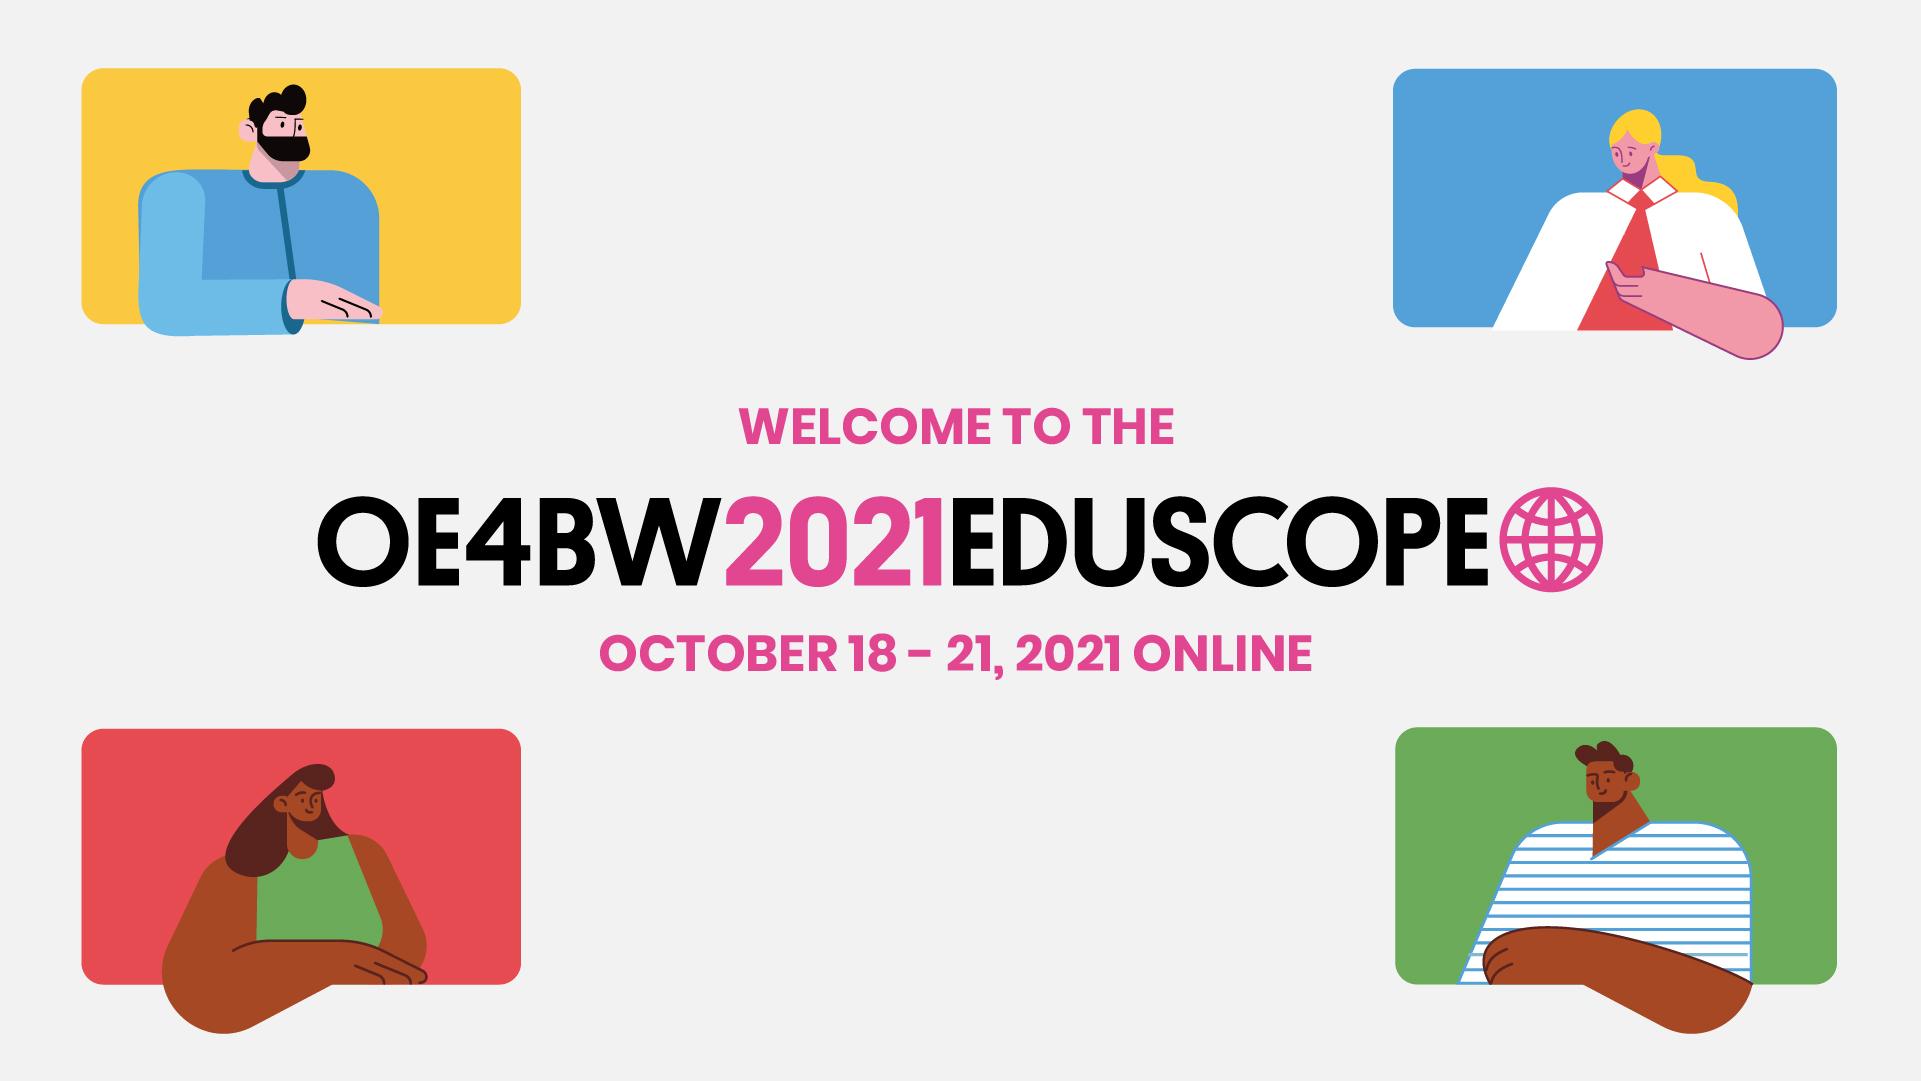 OE4BW EDUSCOPE 2021